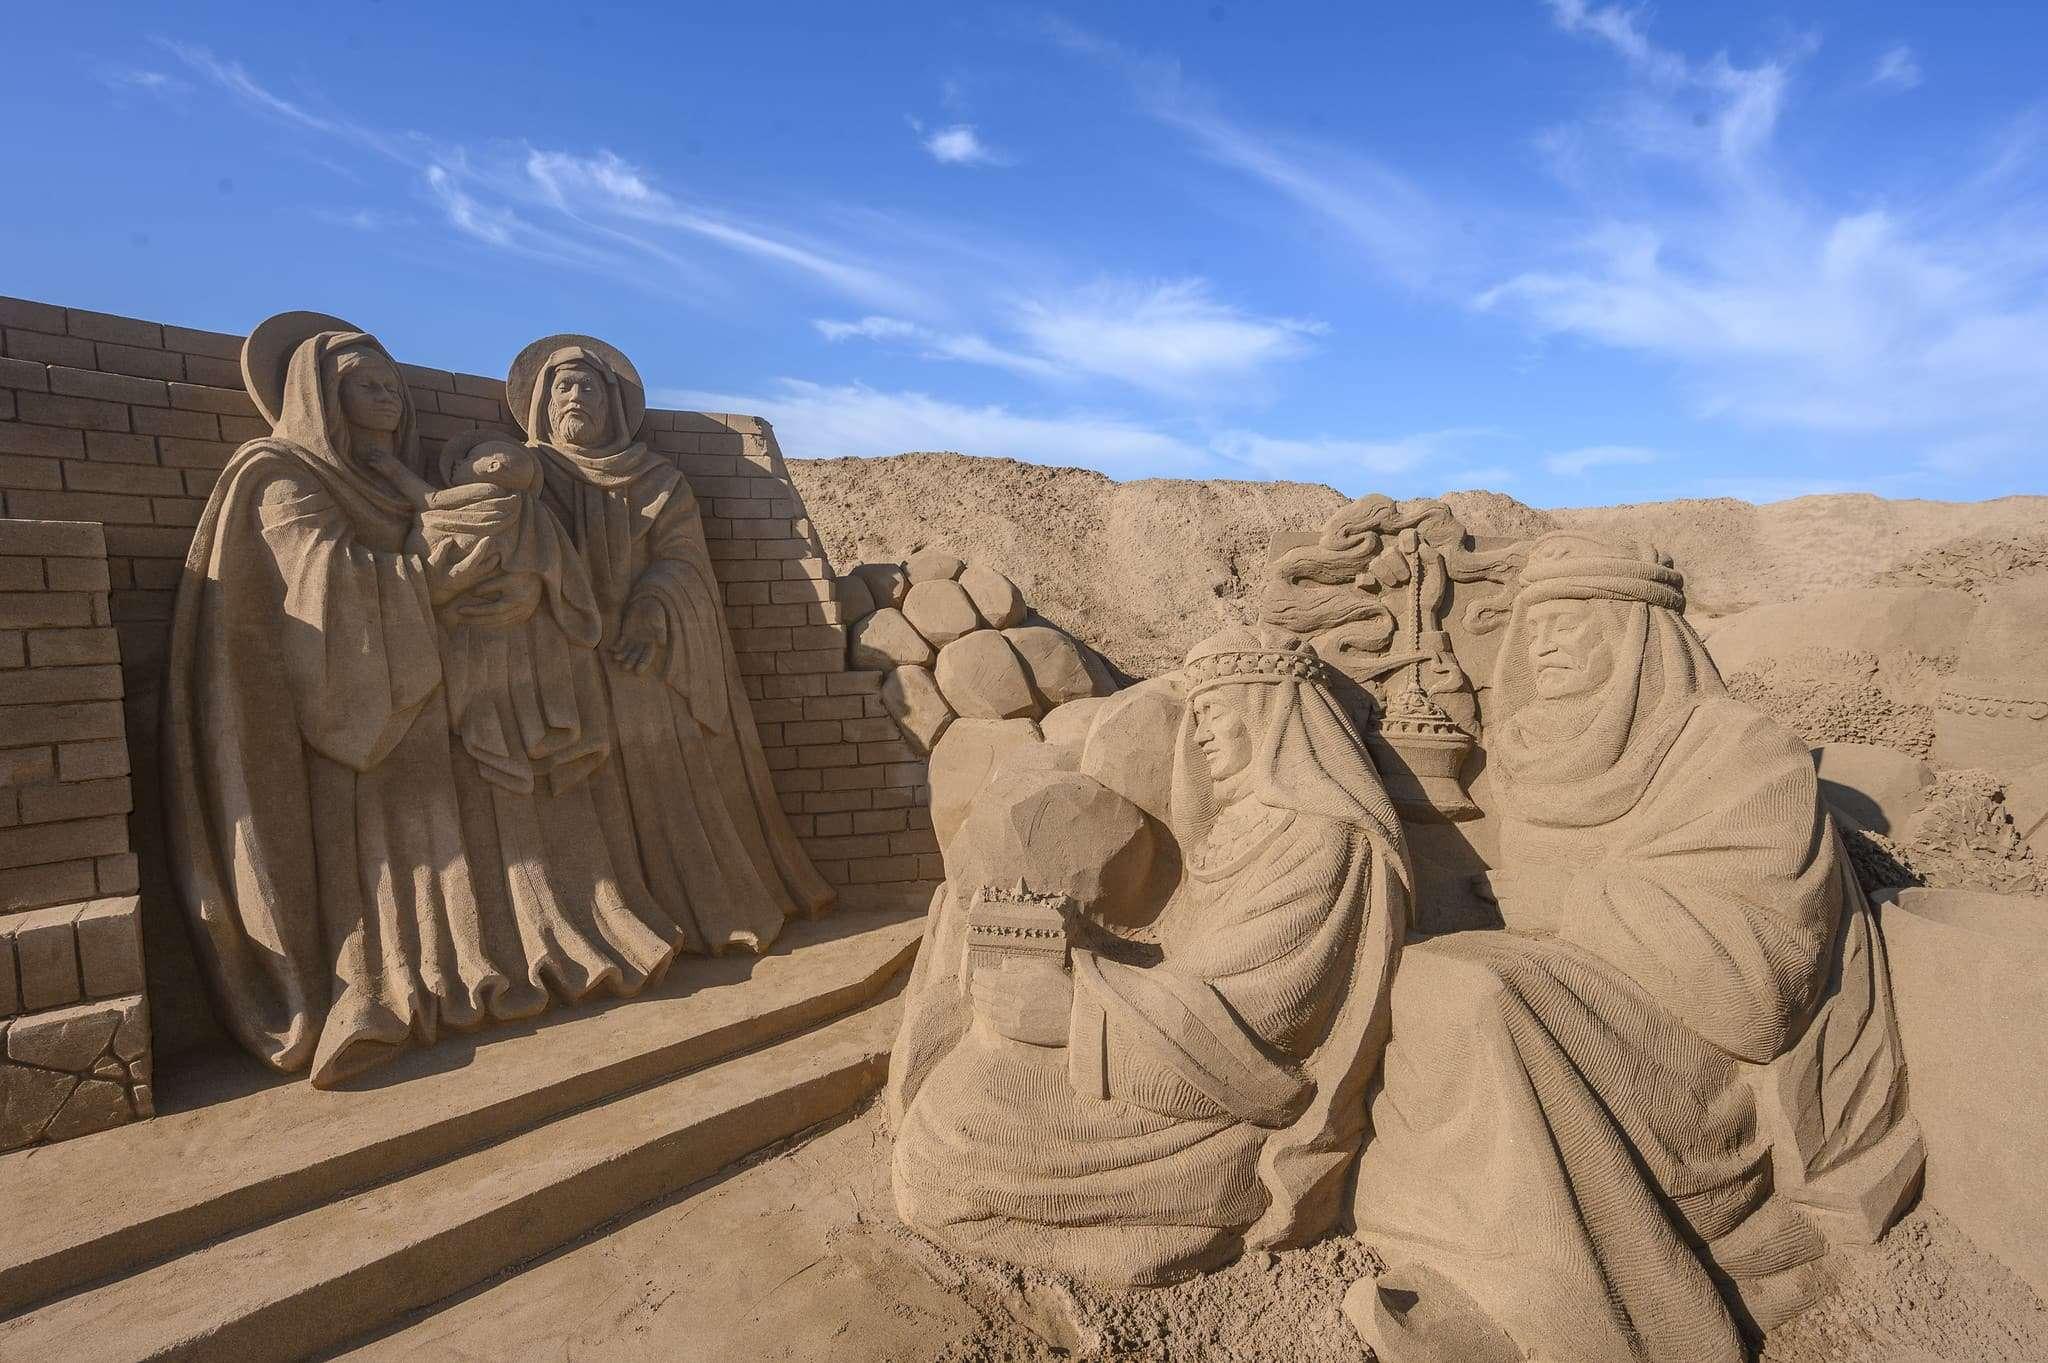 Un original Belén de arena para la navidad en Gran Canaria 60